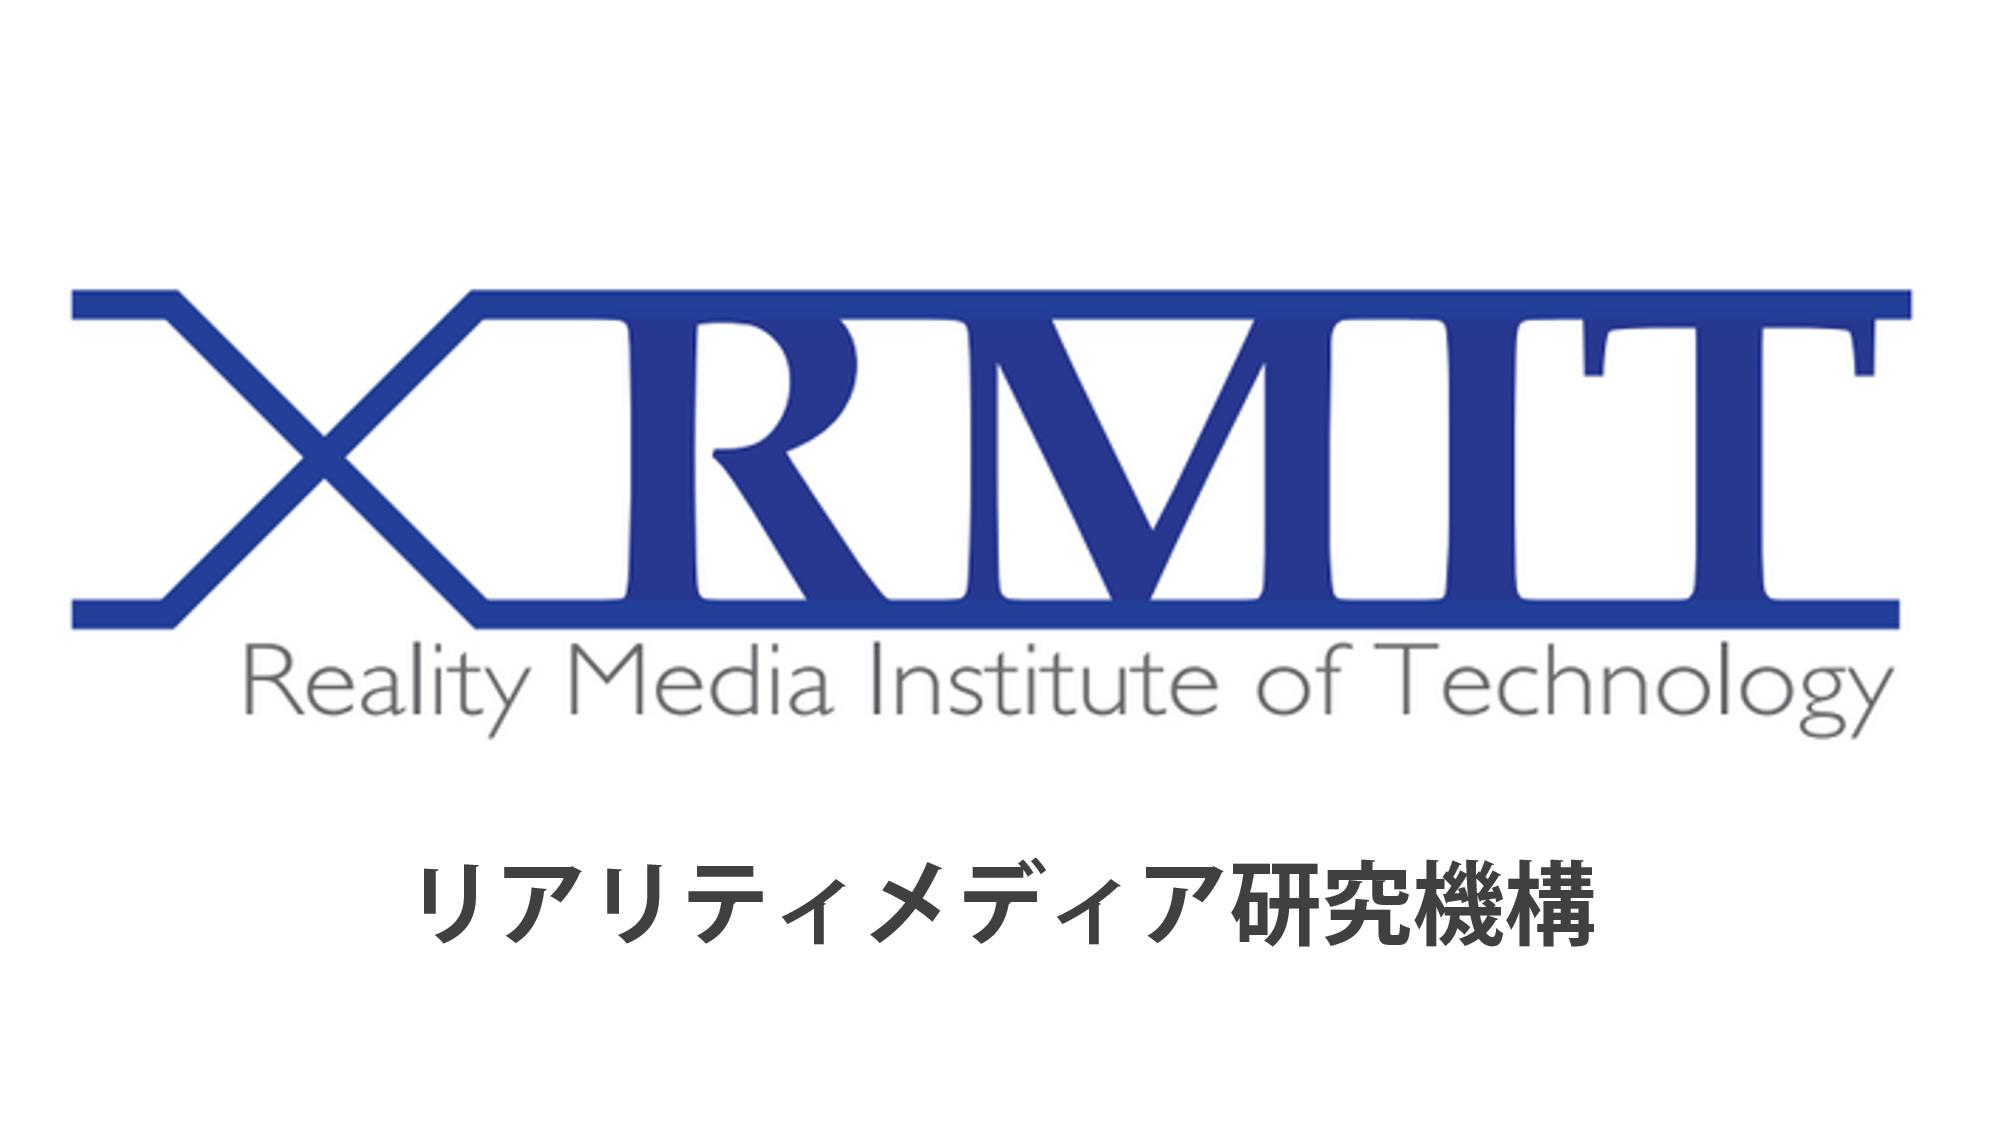 リアリティメディア研究機構